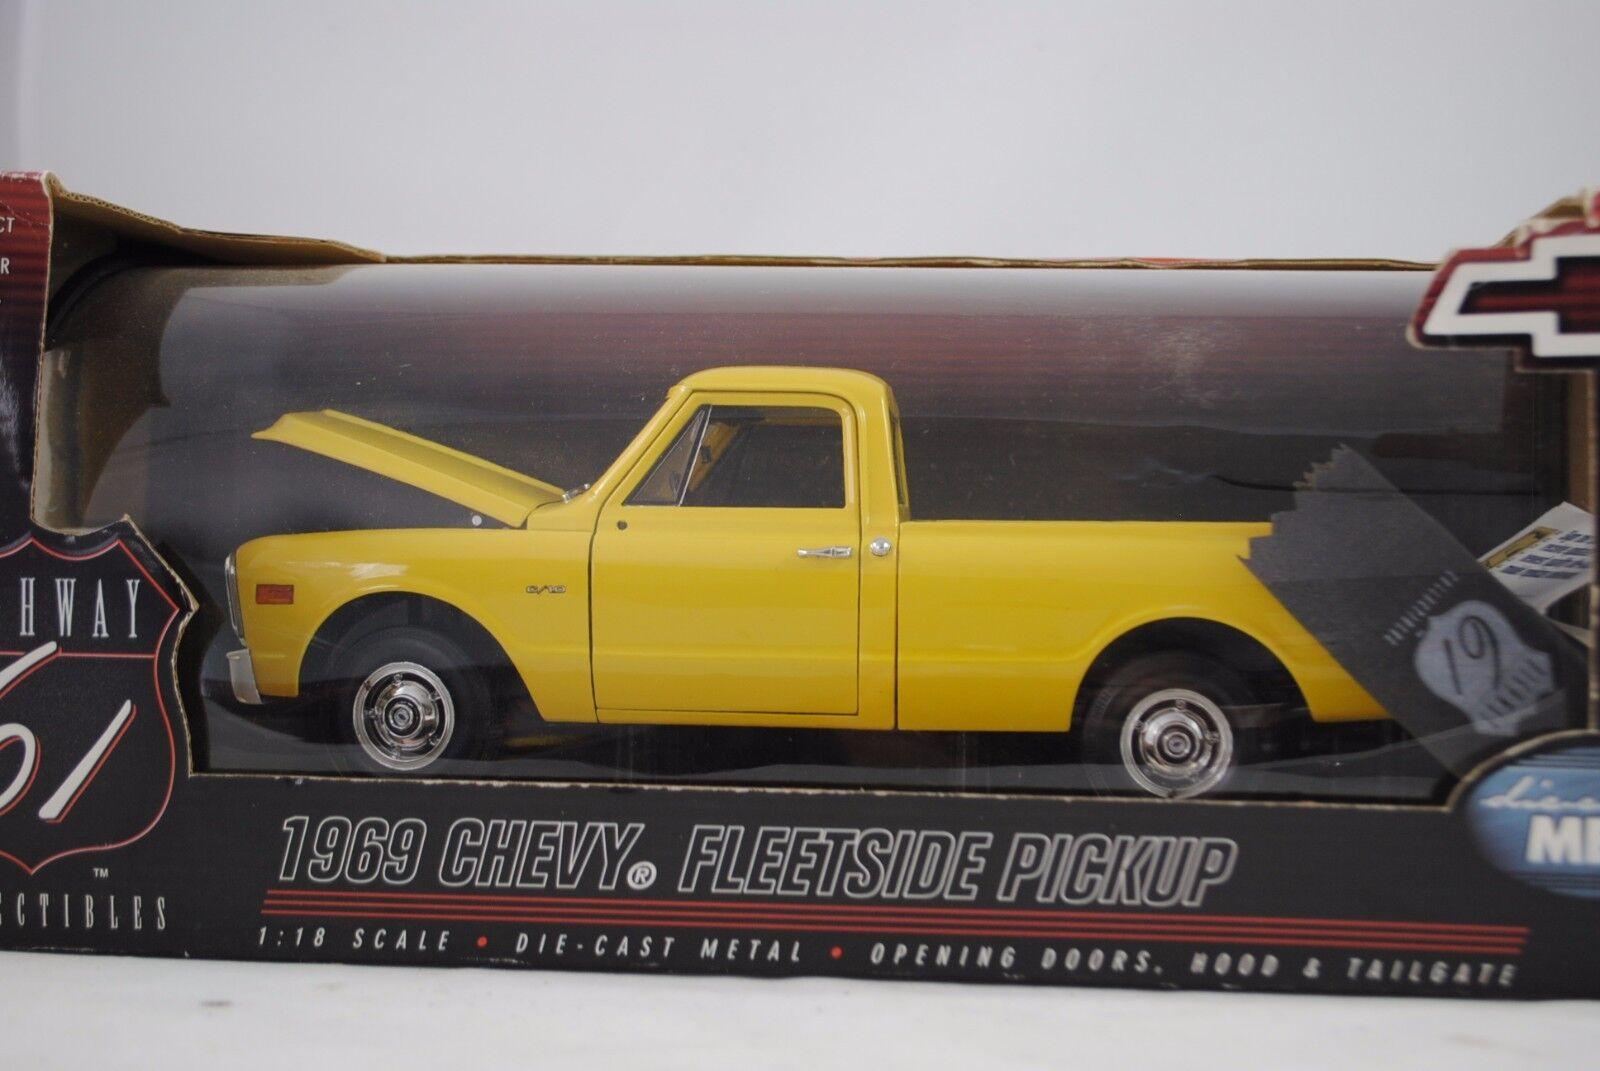 1 18 Highway 61 1969 Chevy fleetside pickup giallo giallo-rareza nuevo en el embalaje original